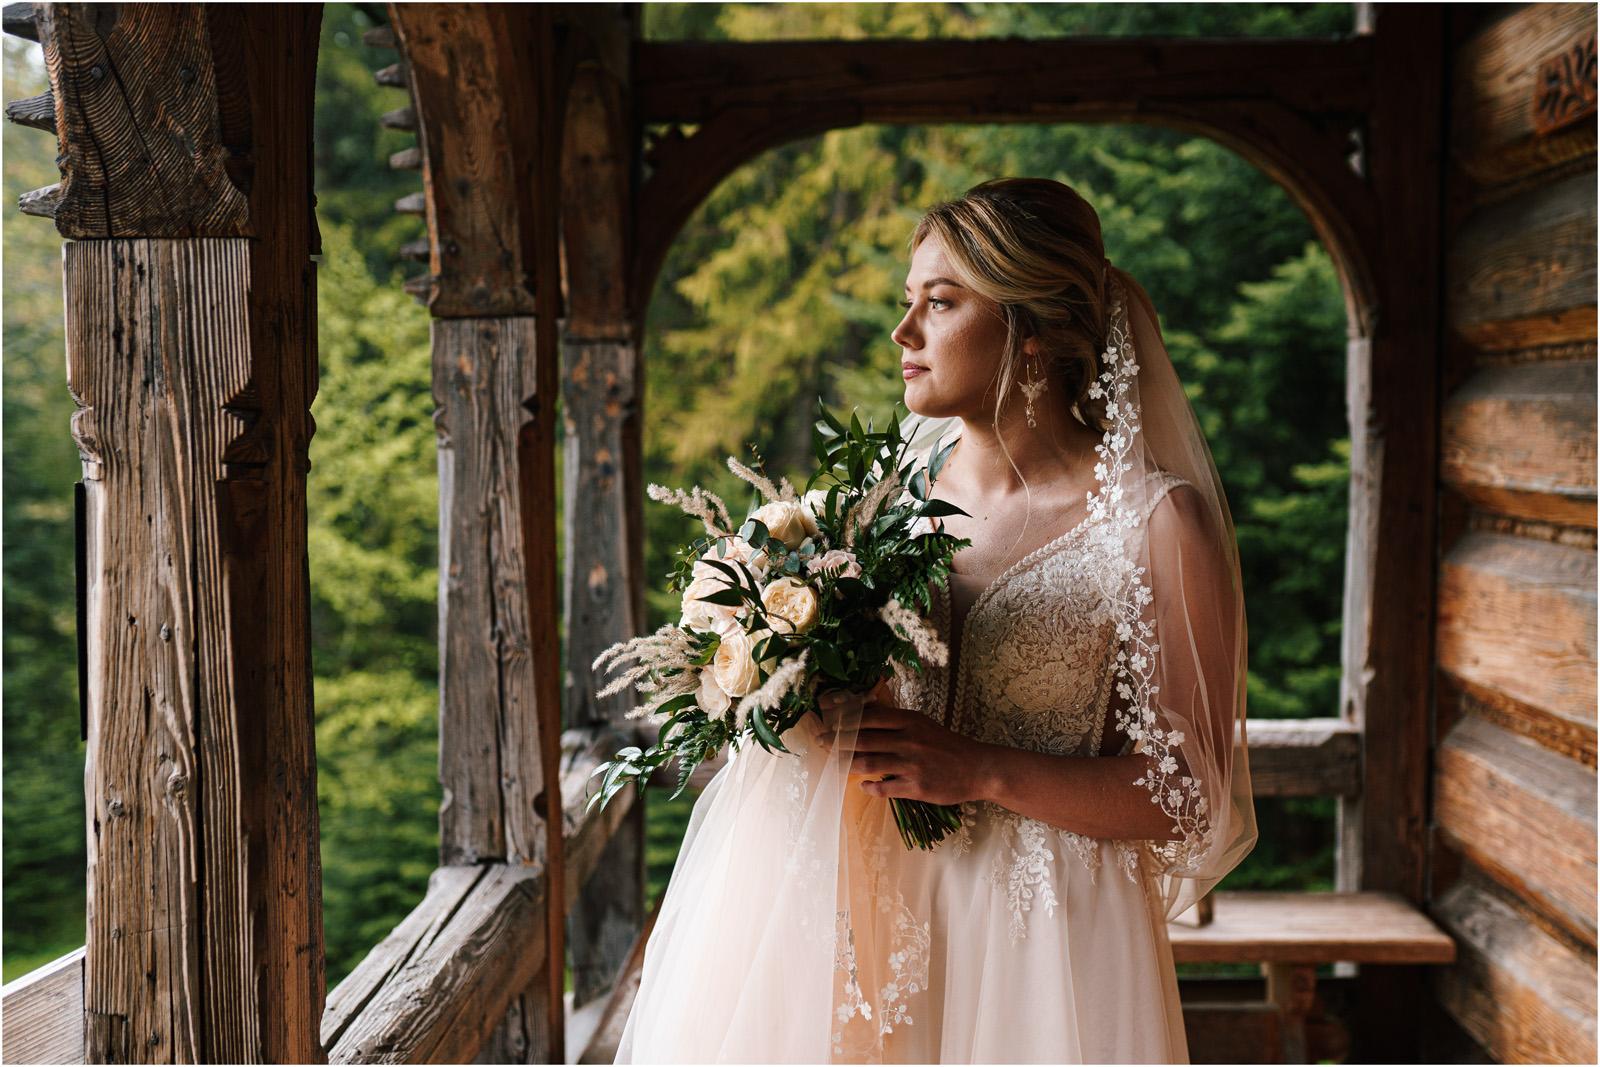 Amanda & Błażej | ślub i sesja w górach 24